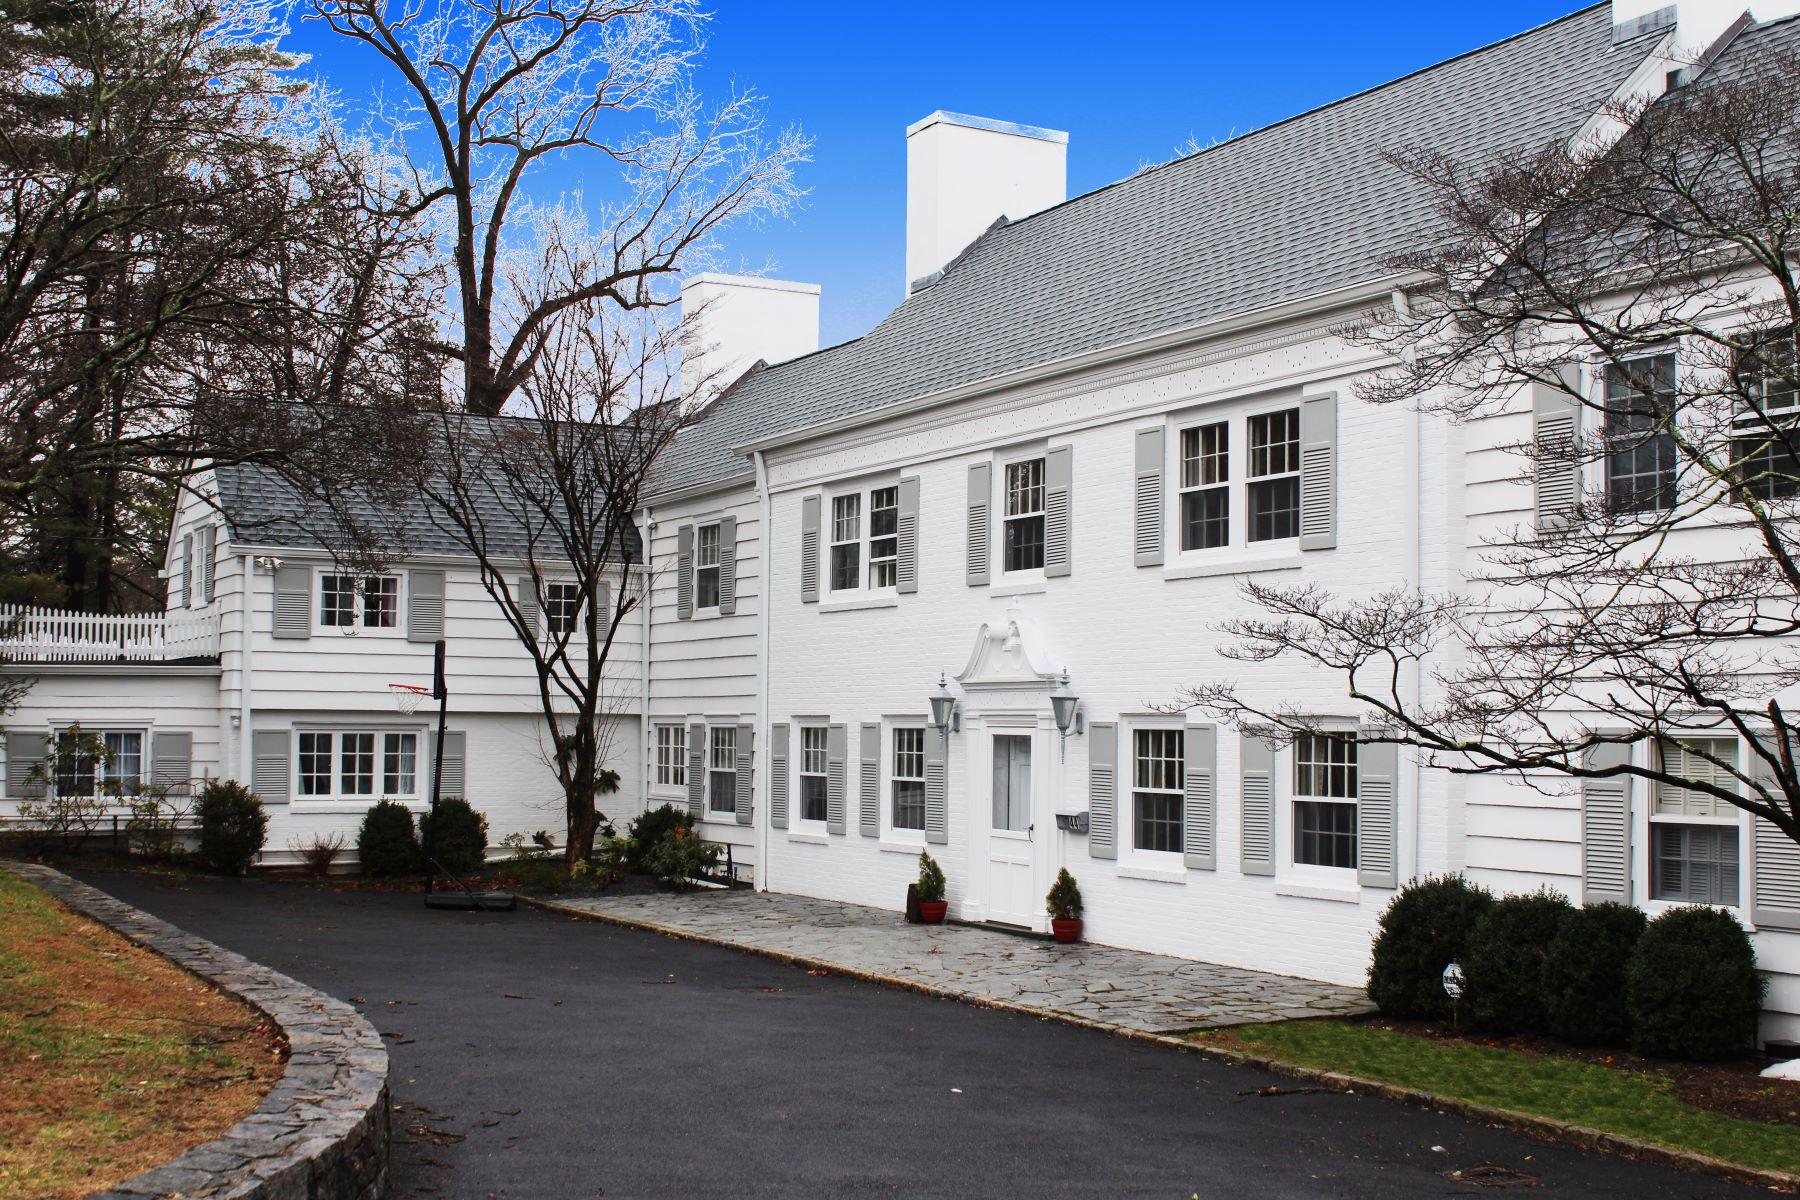 独户住宅 为 出租 在 44 Muchmore Road 哈里森, 纽约州 10528 美国